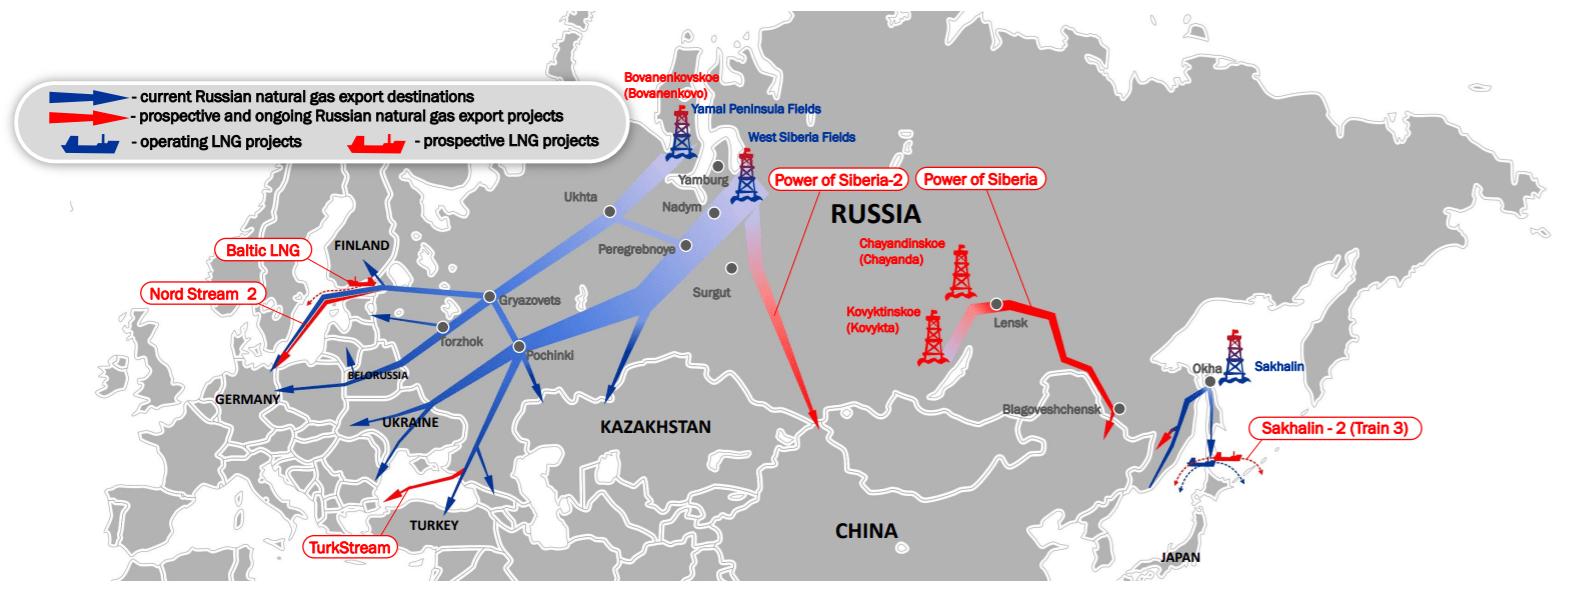 Στο 40% έφθασε η κατανάλωση ρωσικού φυσικού αερίου στην Ευρώπη – Ανησυχίες για ενεργειακή εξάρτηση